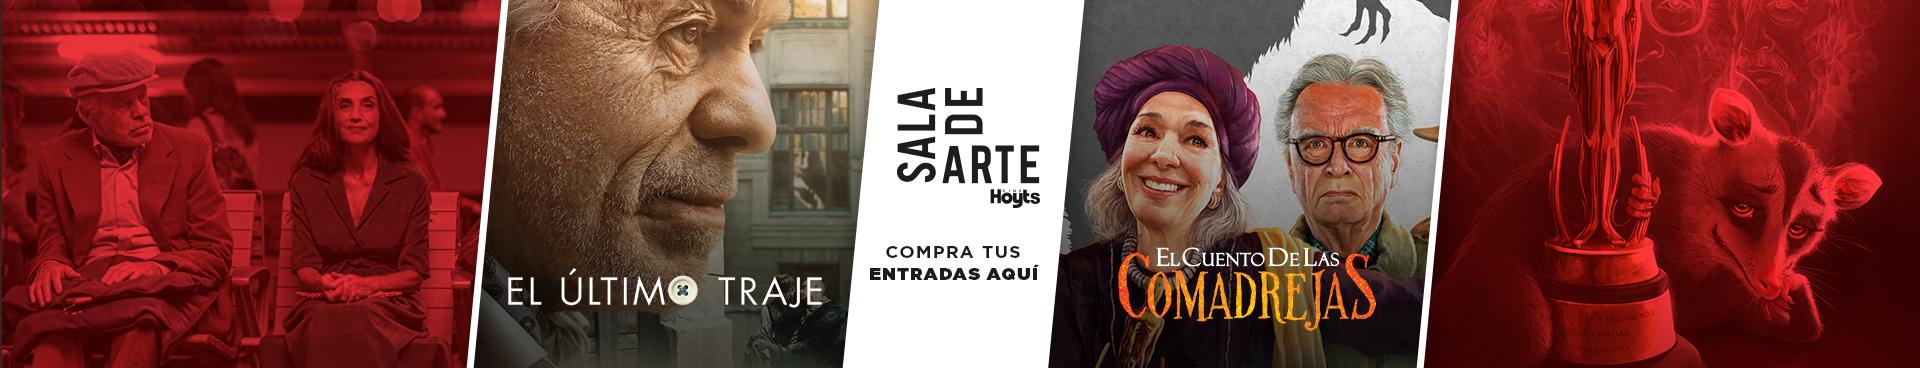 SALA DE ARTE  EL ÚLTIMO TRAJE + EL CUENTO DE LAS COMADREJAS , COMPRA TU ENTRADAS AQUÍ